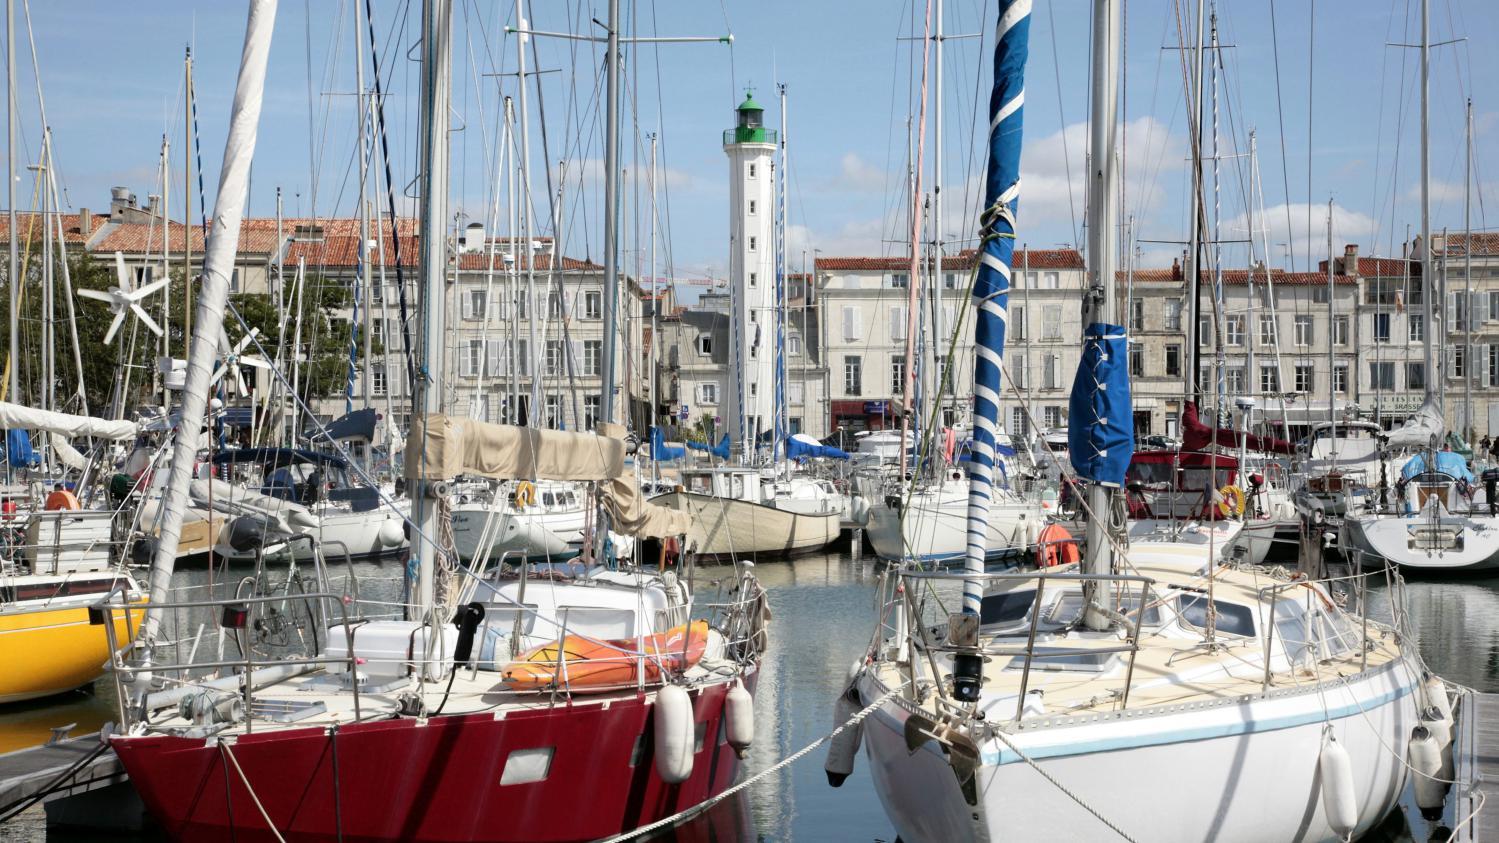 La rochelle l 39 office du tourisme d lest de euros - La rochelle office de tourisme ...